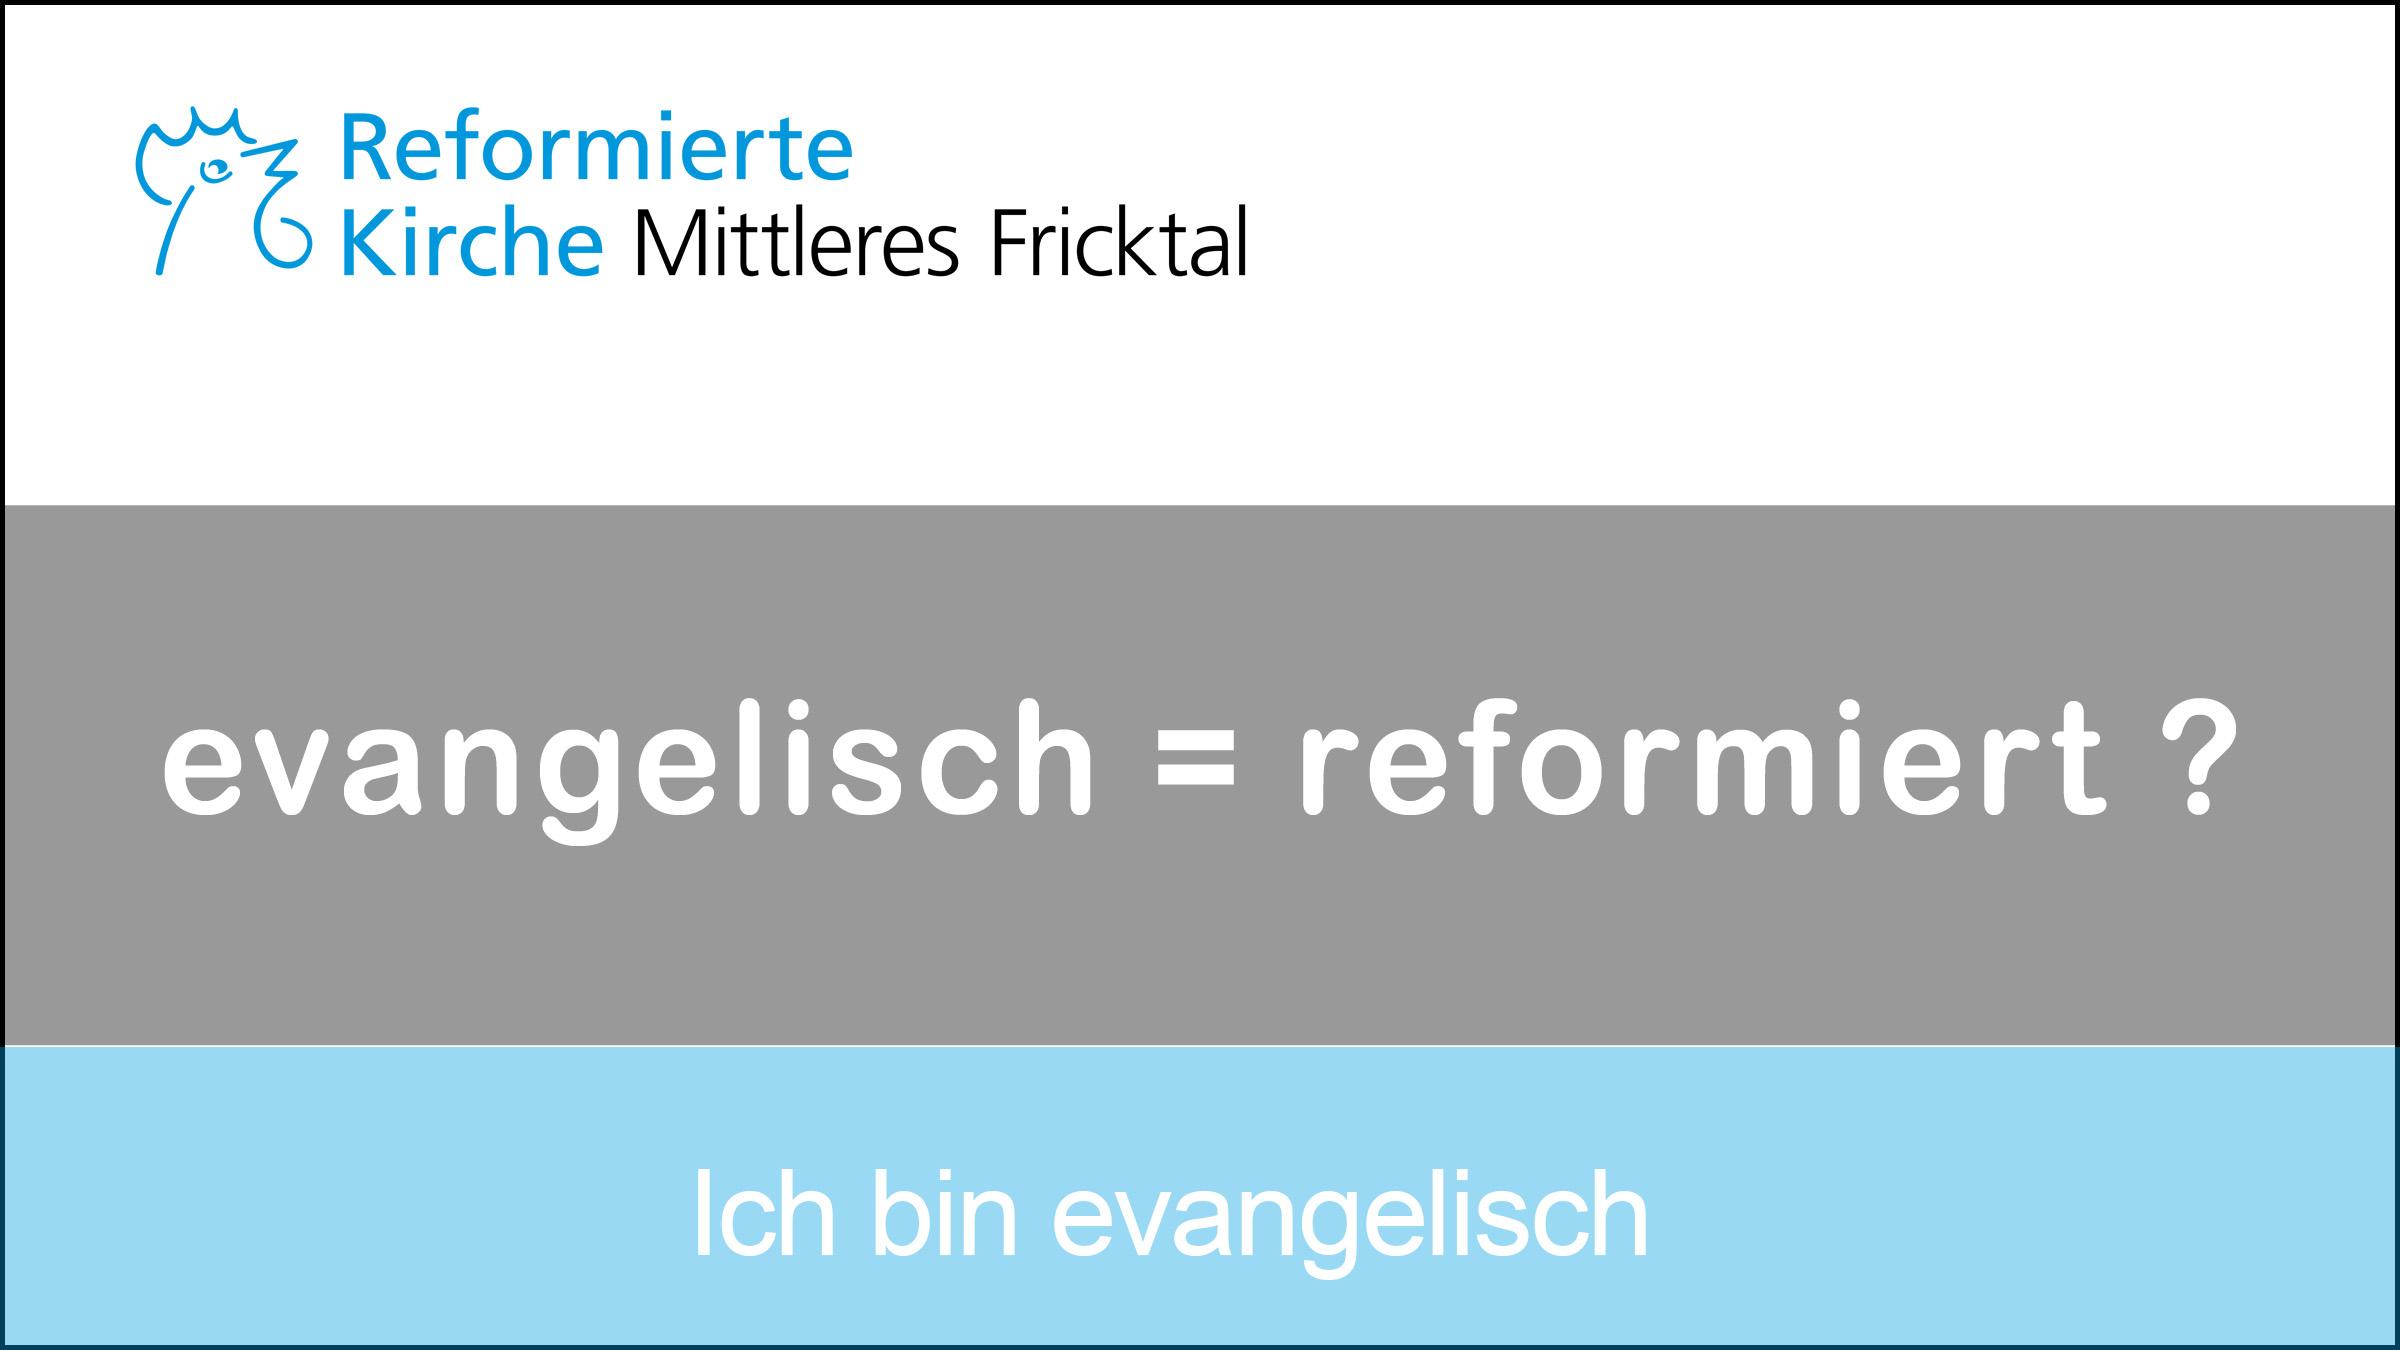 Ich bin evangelisch in der Reformierten Kirche Mittleres Fricktal